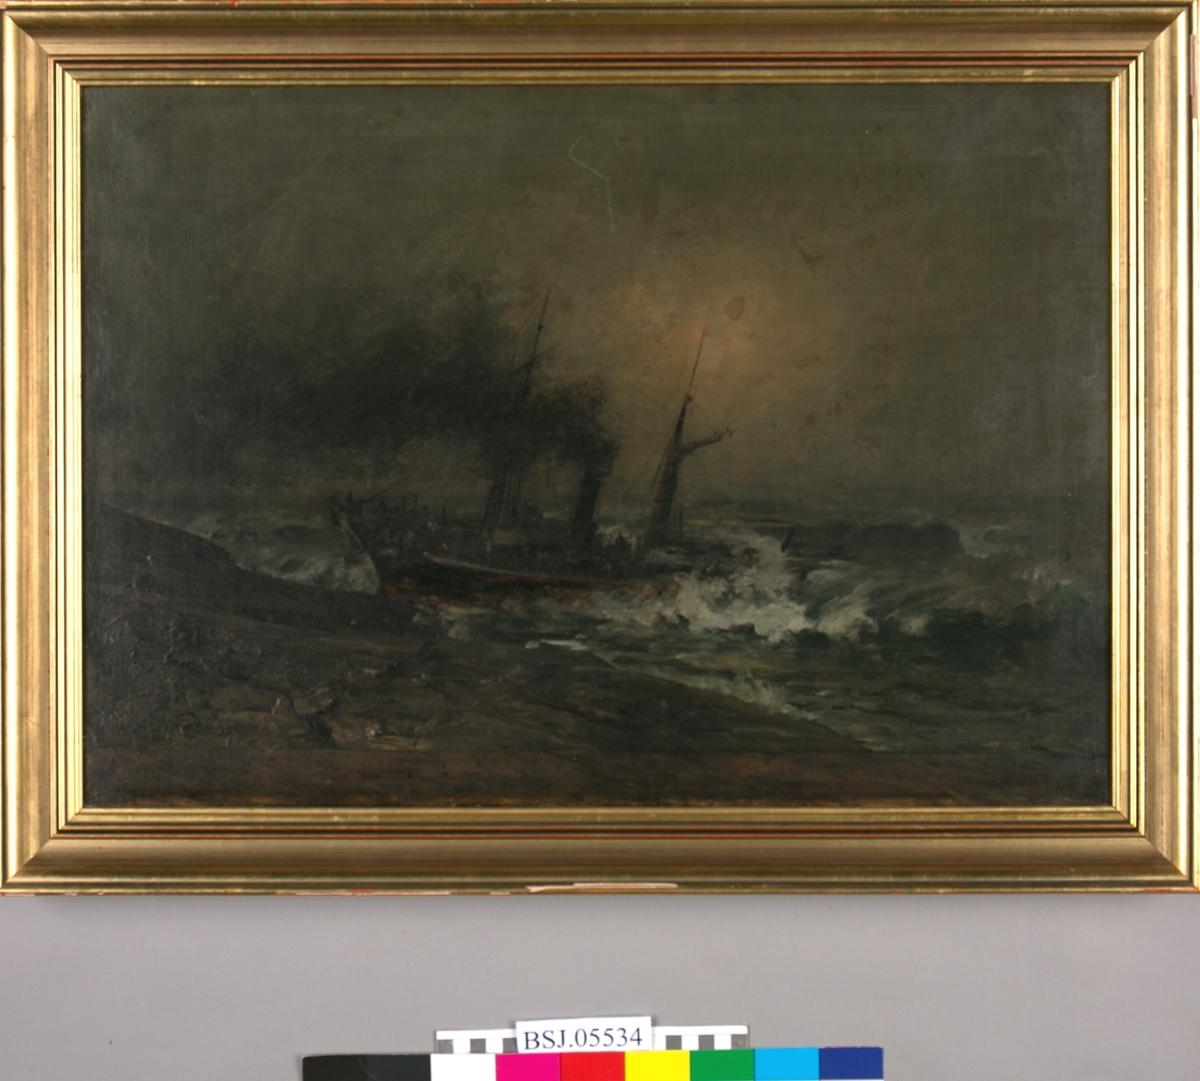 Dampskipet NORDSTJERNEN har gått på grunn, ser brenninger og bråttsjøer. Mennesker som samler seg i baugen for å forlate skipet. Mørk røyk fra pipen. Bildet er veldig mørkt i fargene. Skal være en kopi av et maleri av A. Normann.